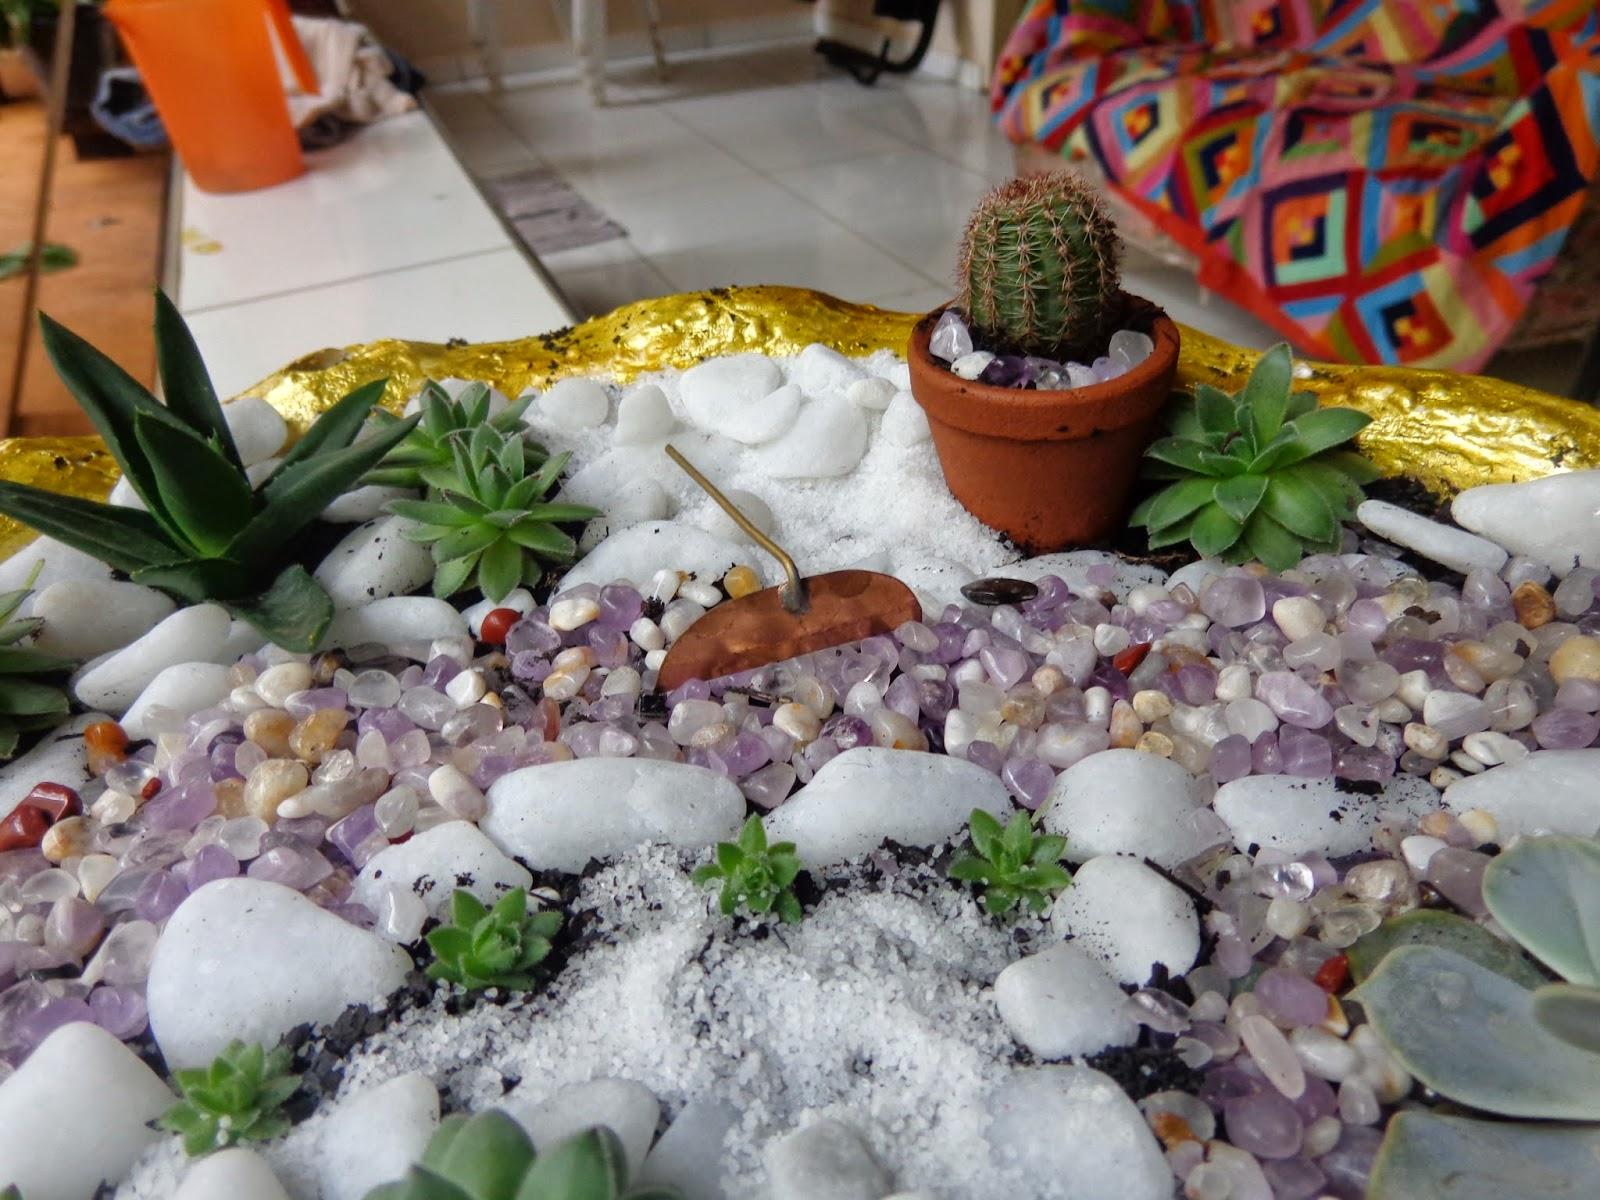 mini jardim de suculentas passo a passo : mini jardim de suculentas passo a passo:Mini-jardim de cactos e suculentas – Diário de uma Sementeira